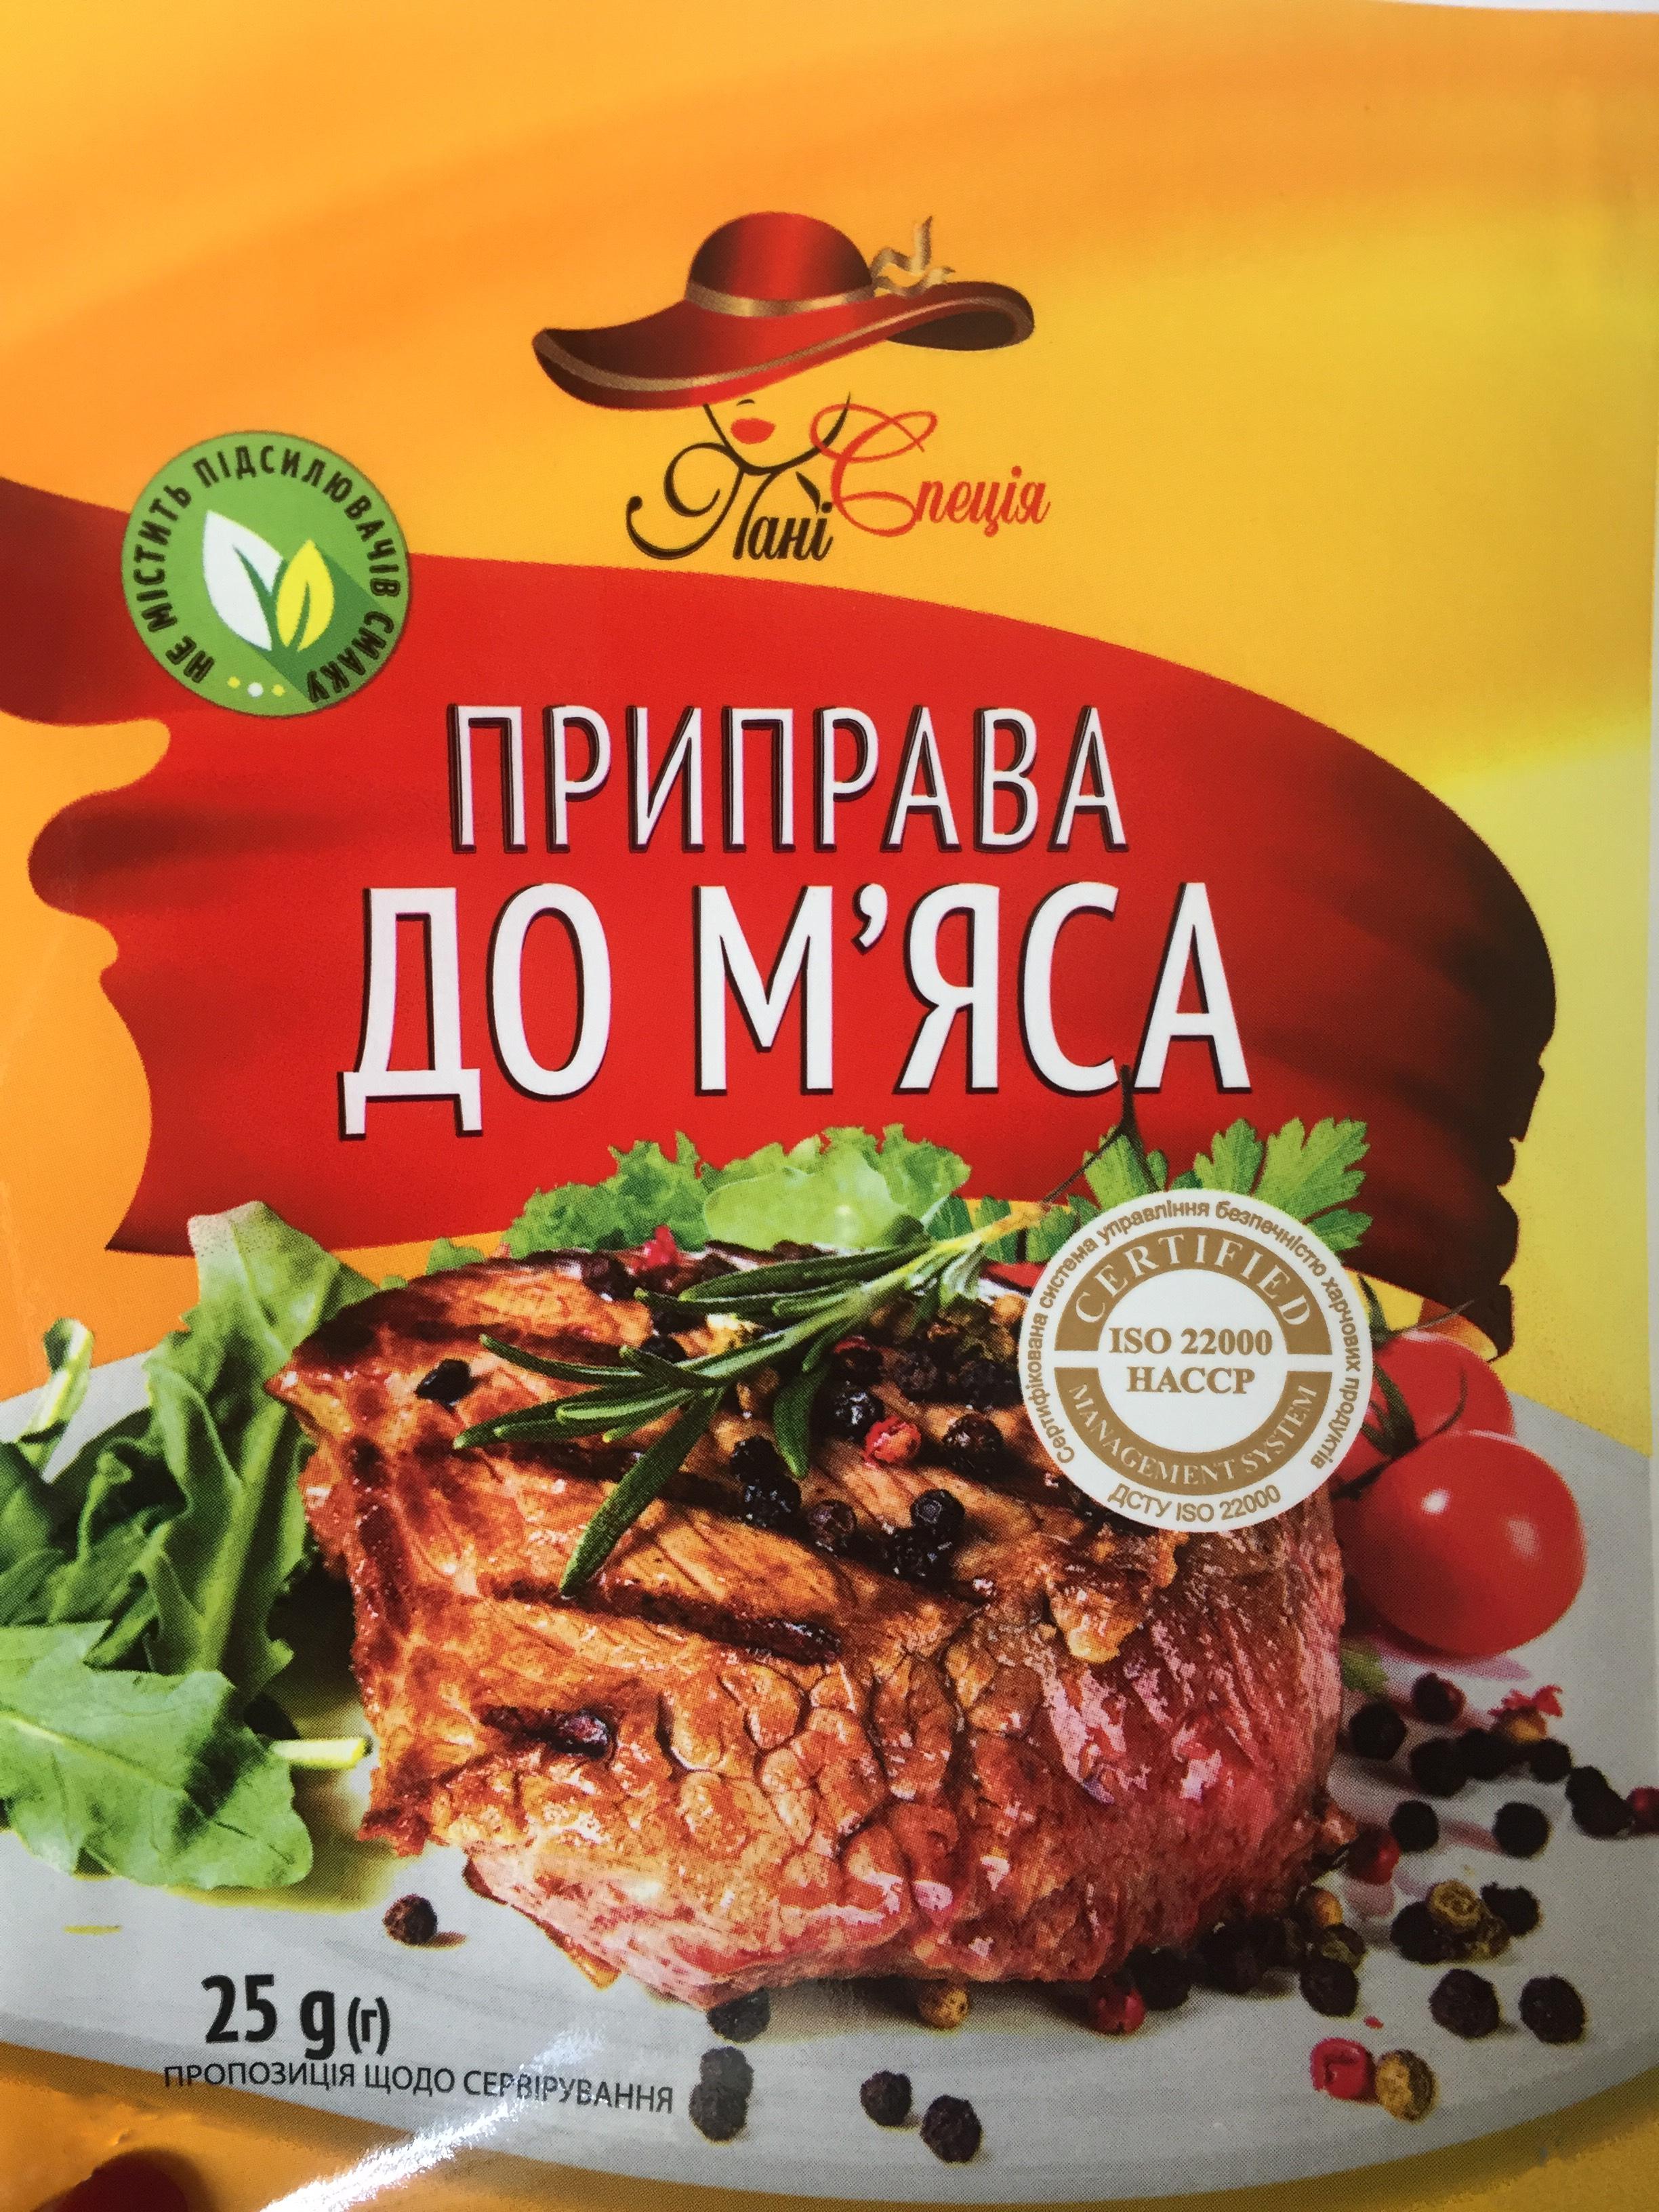 В продаже приправа к мясу от украинского производителя